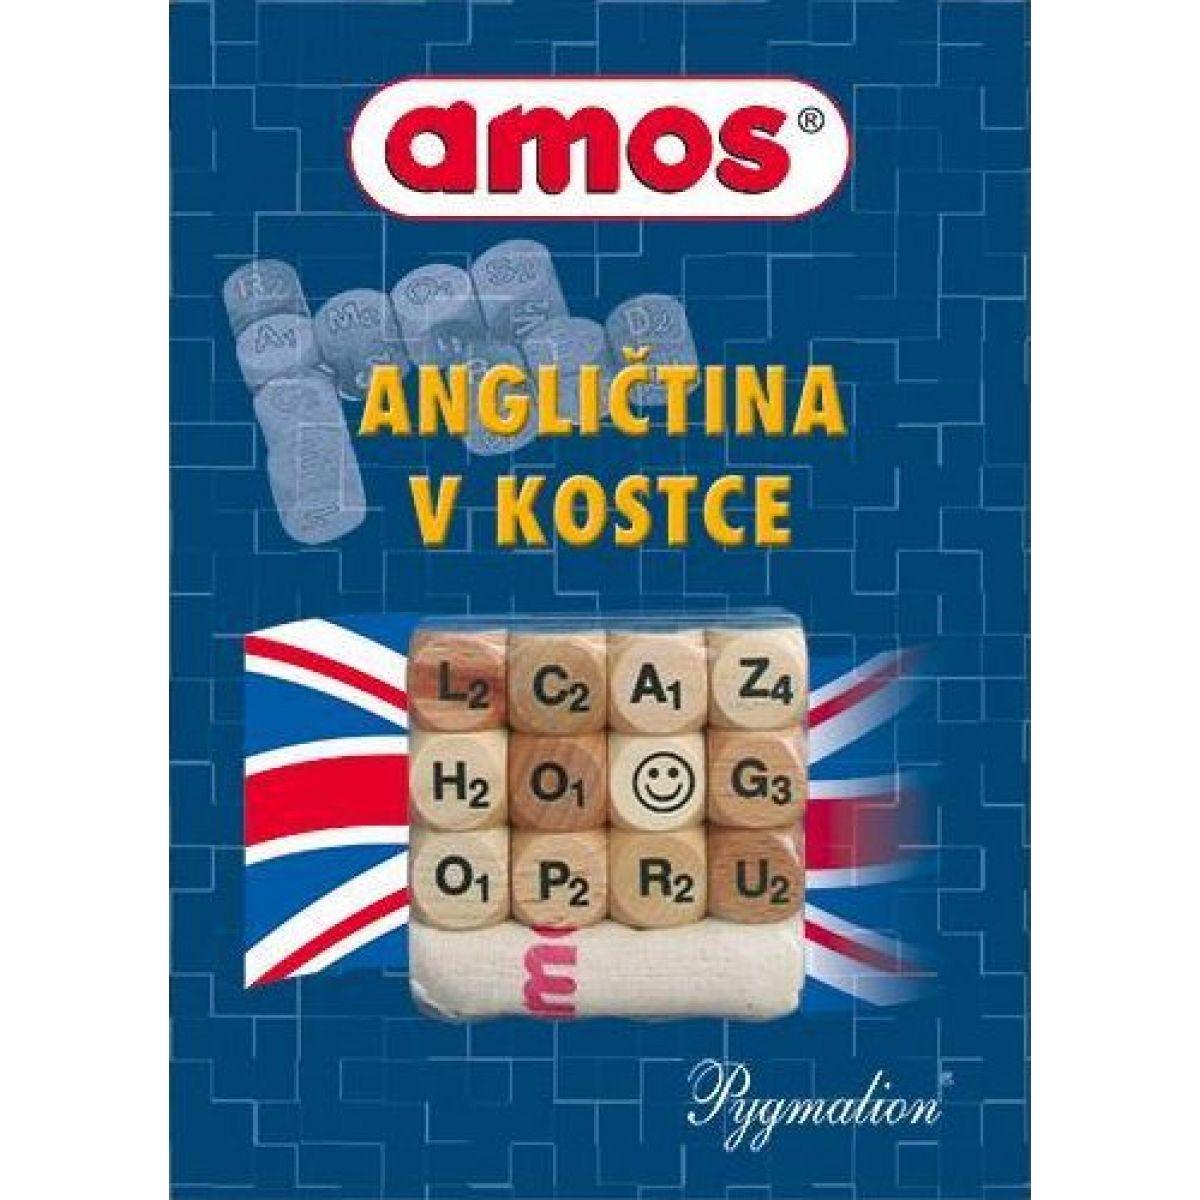 Amos Angličtina v kocke